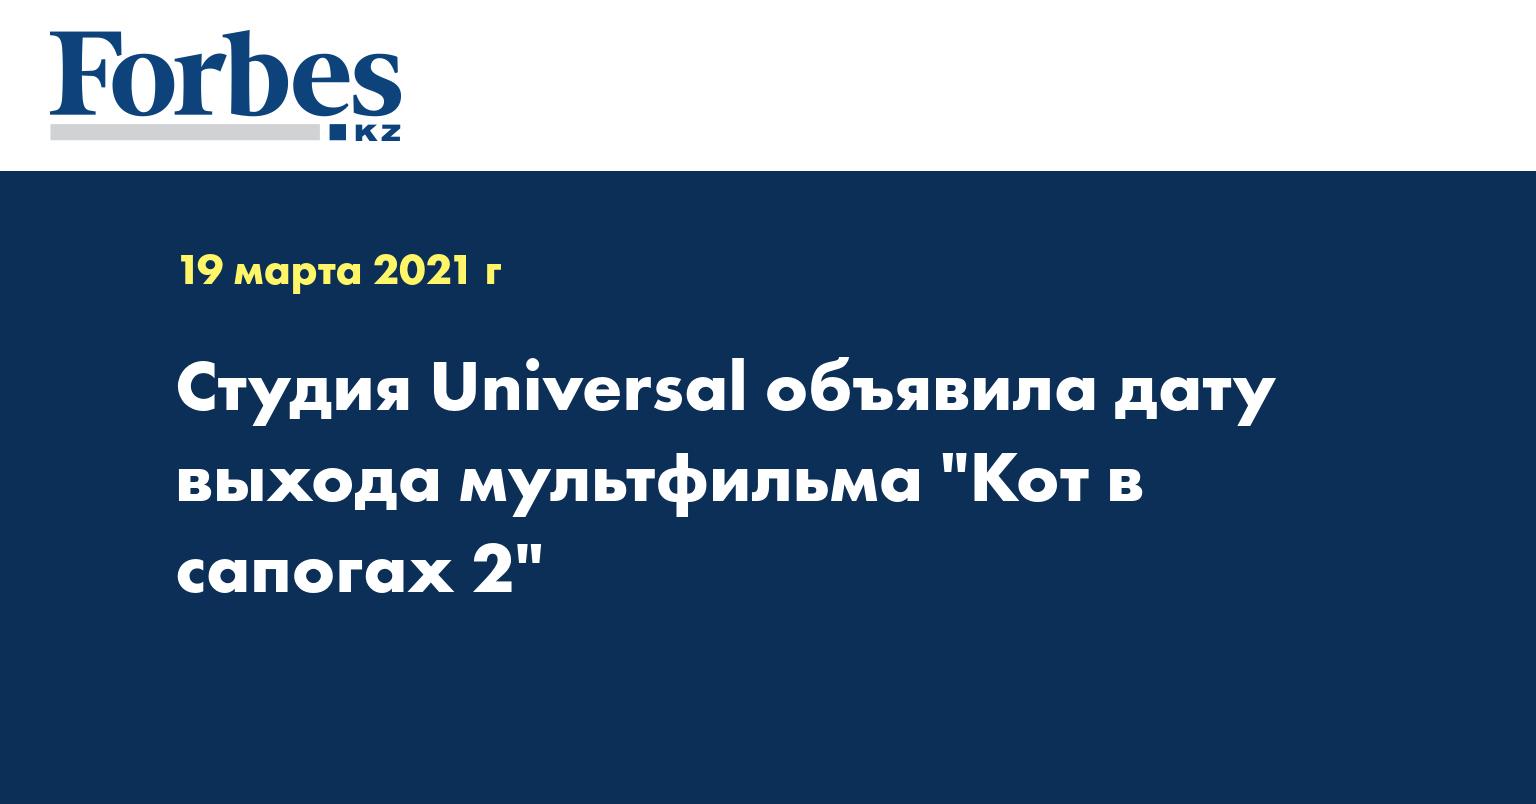 Студия Universal объявила дату выхода мультфильма